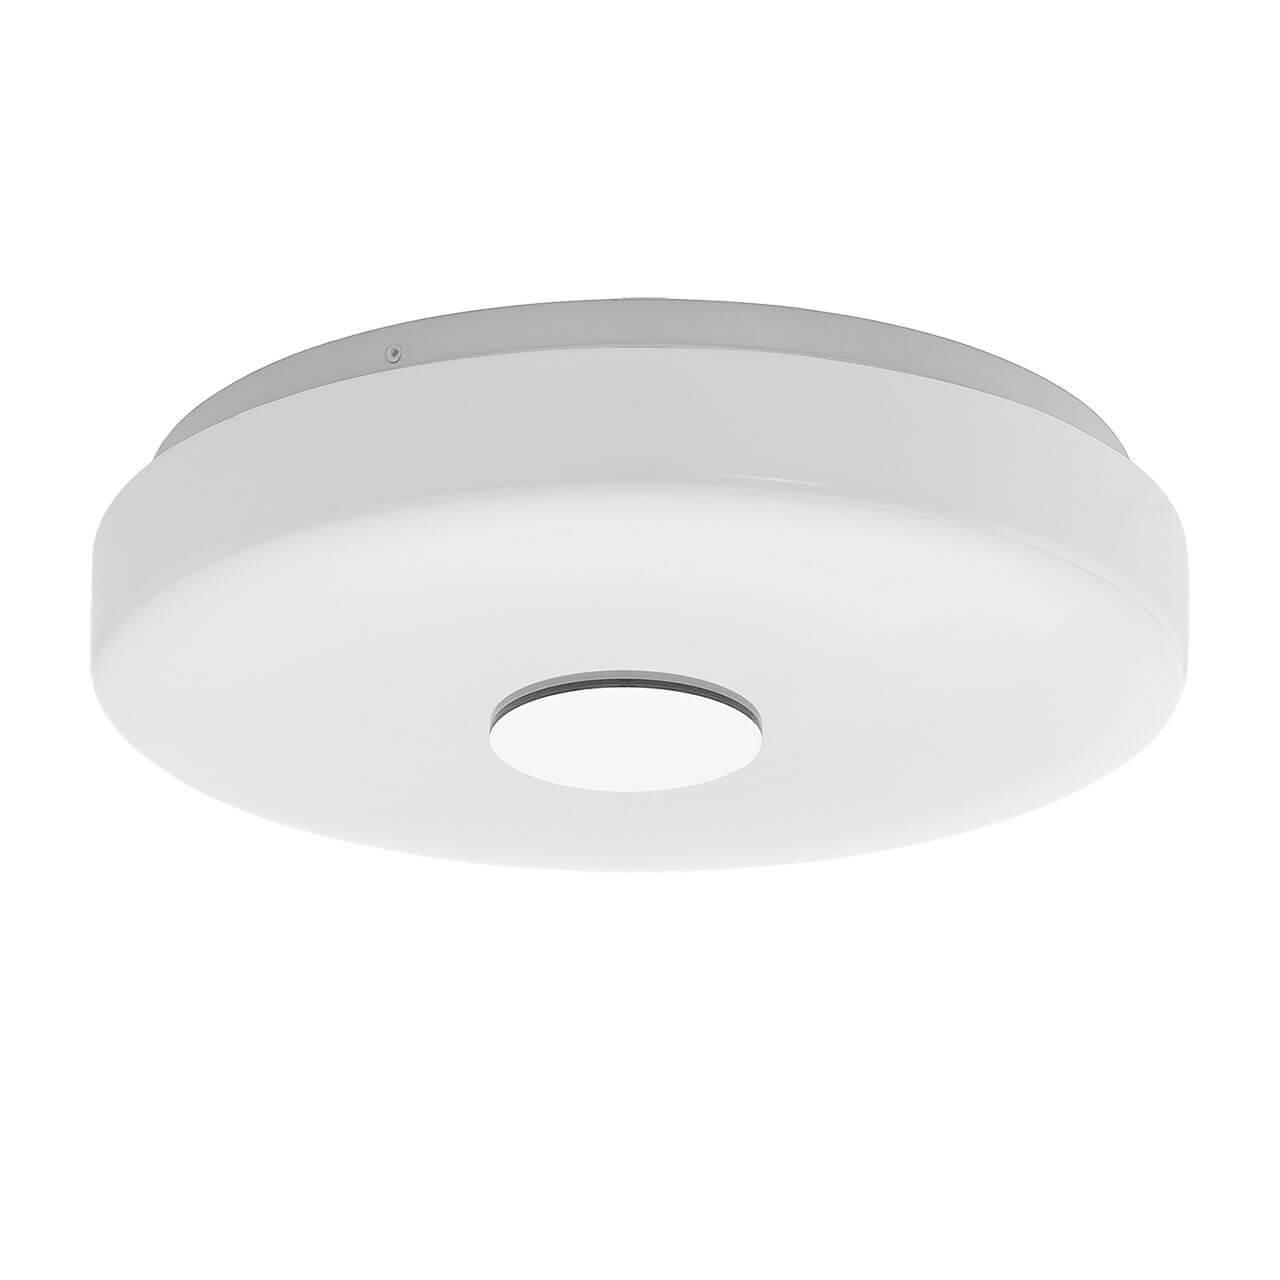 цена на Потолочный светодиодный светильник Eglo Beramo-C 96819